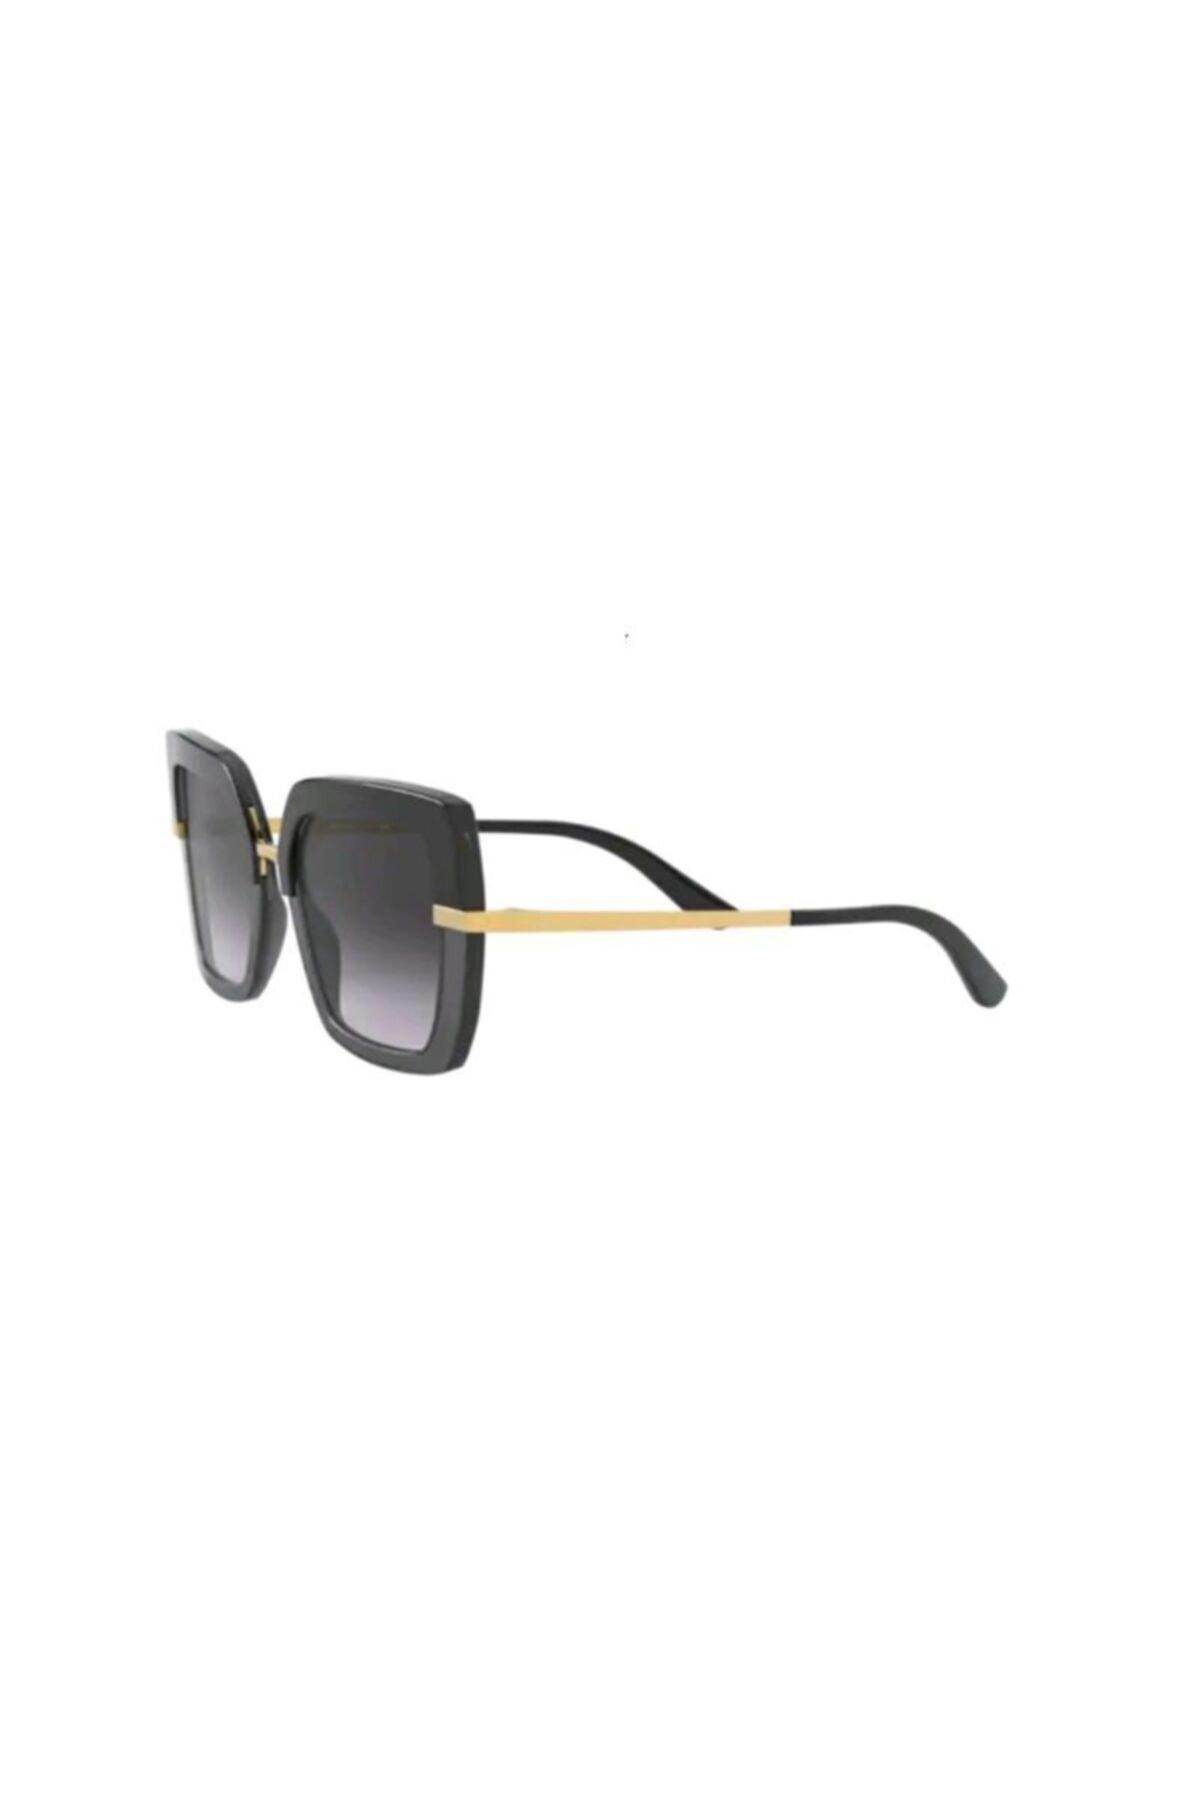 Dolce Gabbana Dg 4373 3246/8g 52-21 Kadın Güneş Gözlüğü 2